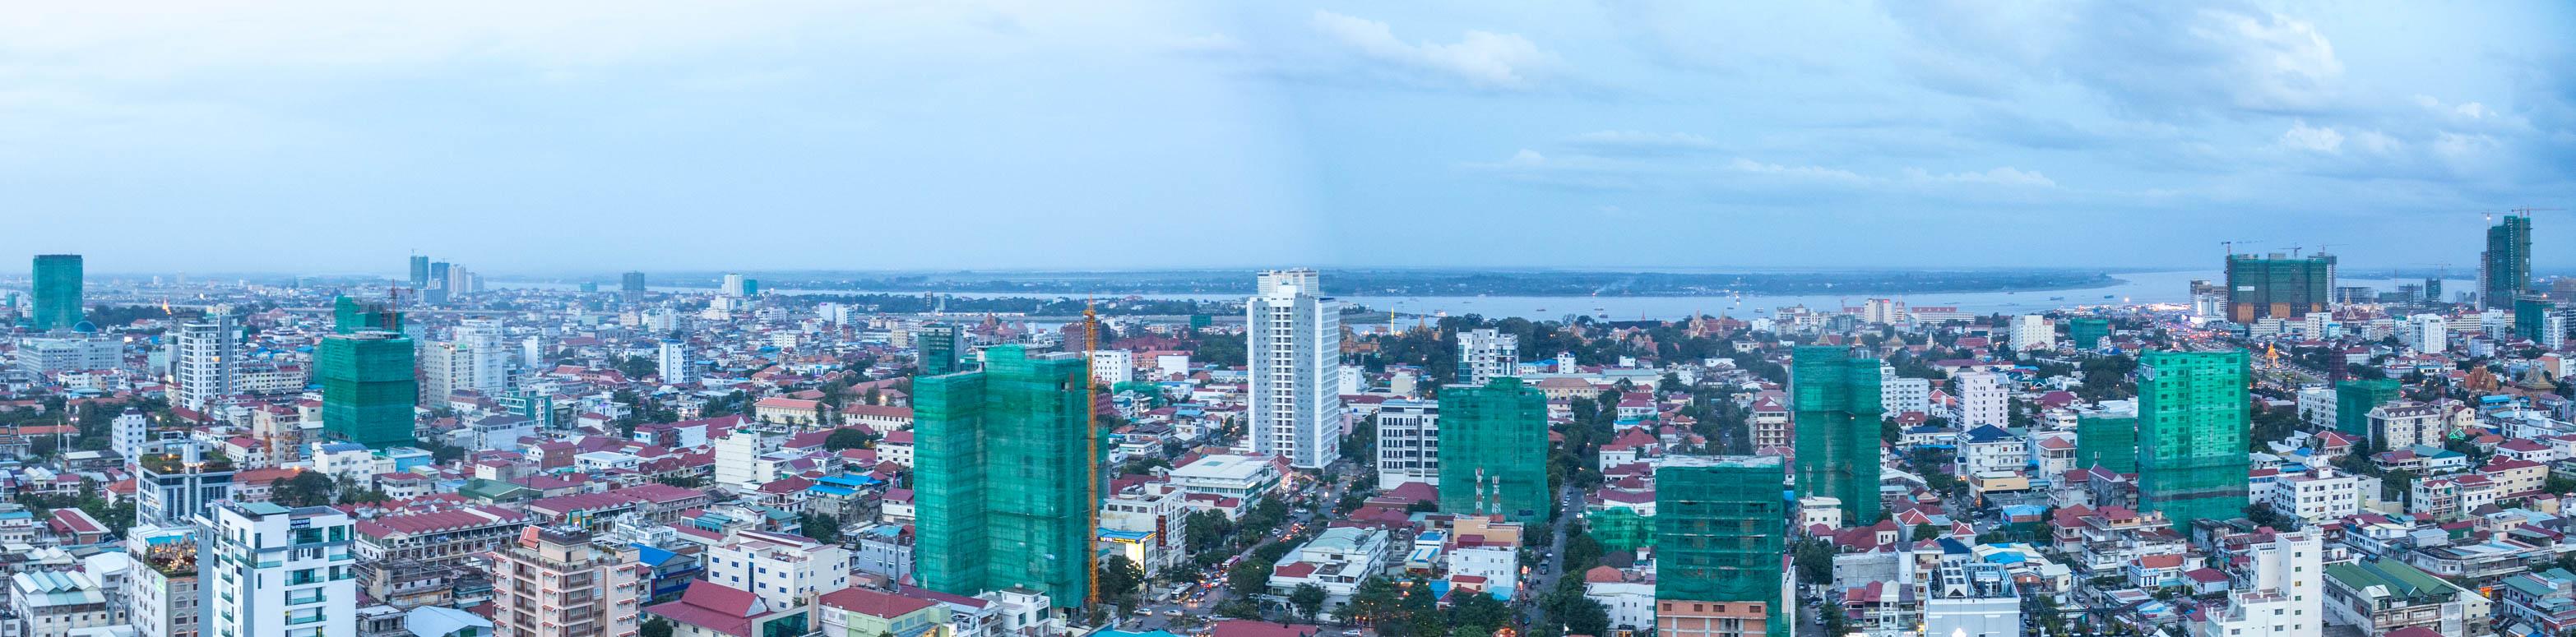 Grüne Baustellengerüste prägen das Bild der Stadt.